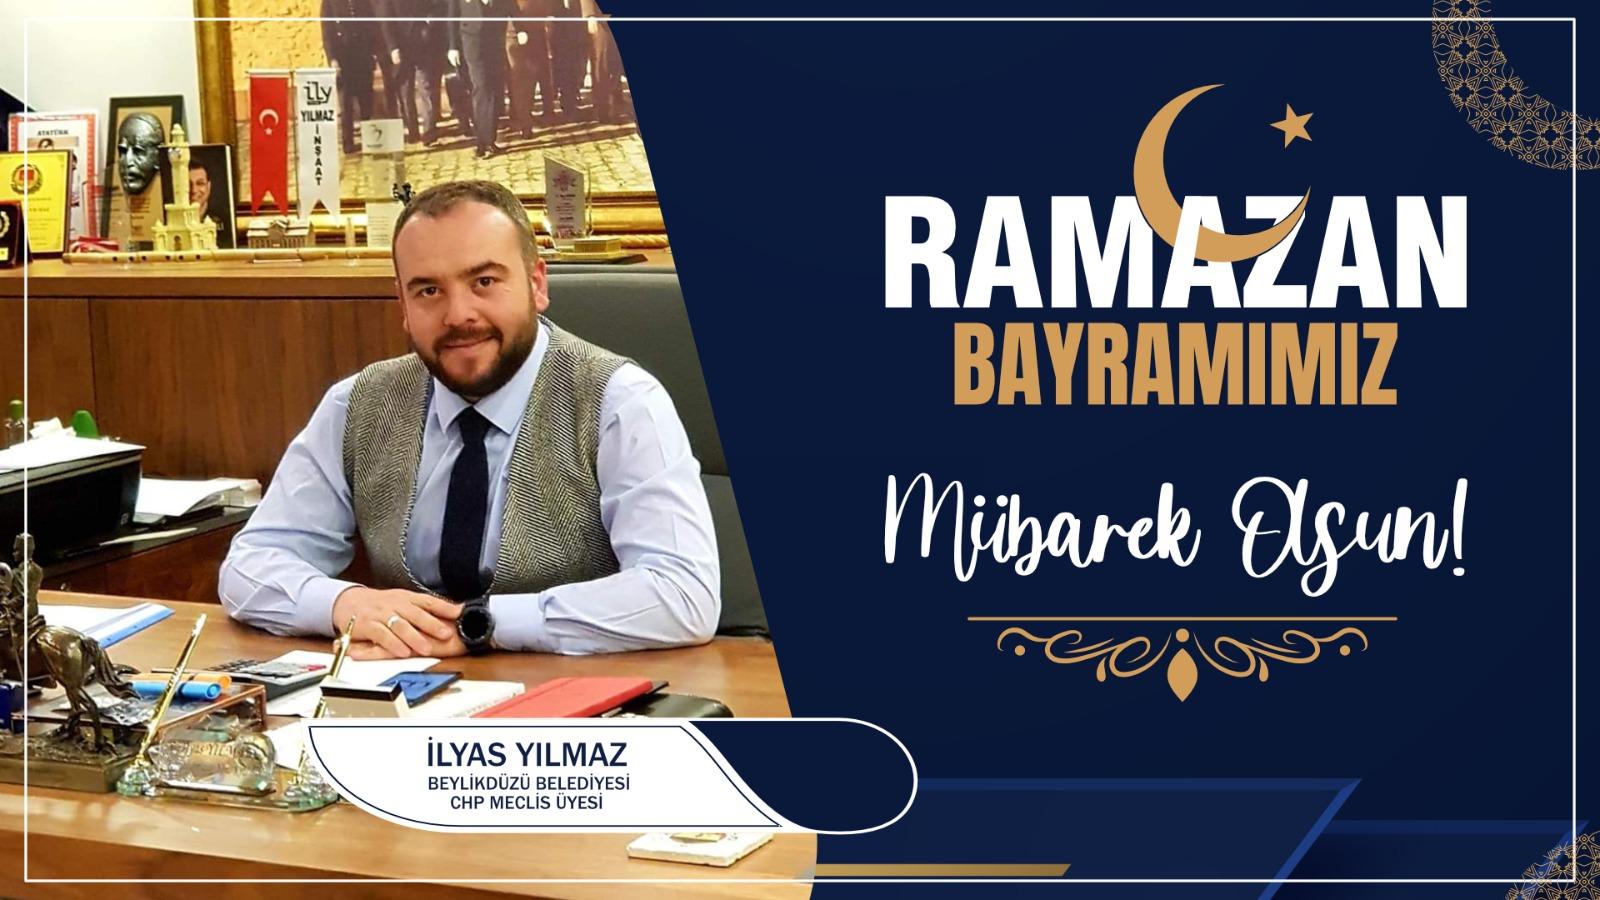 İlyas Yılmaz'dan Ramazan Bayramı Kutlama Mesajı